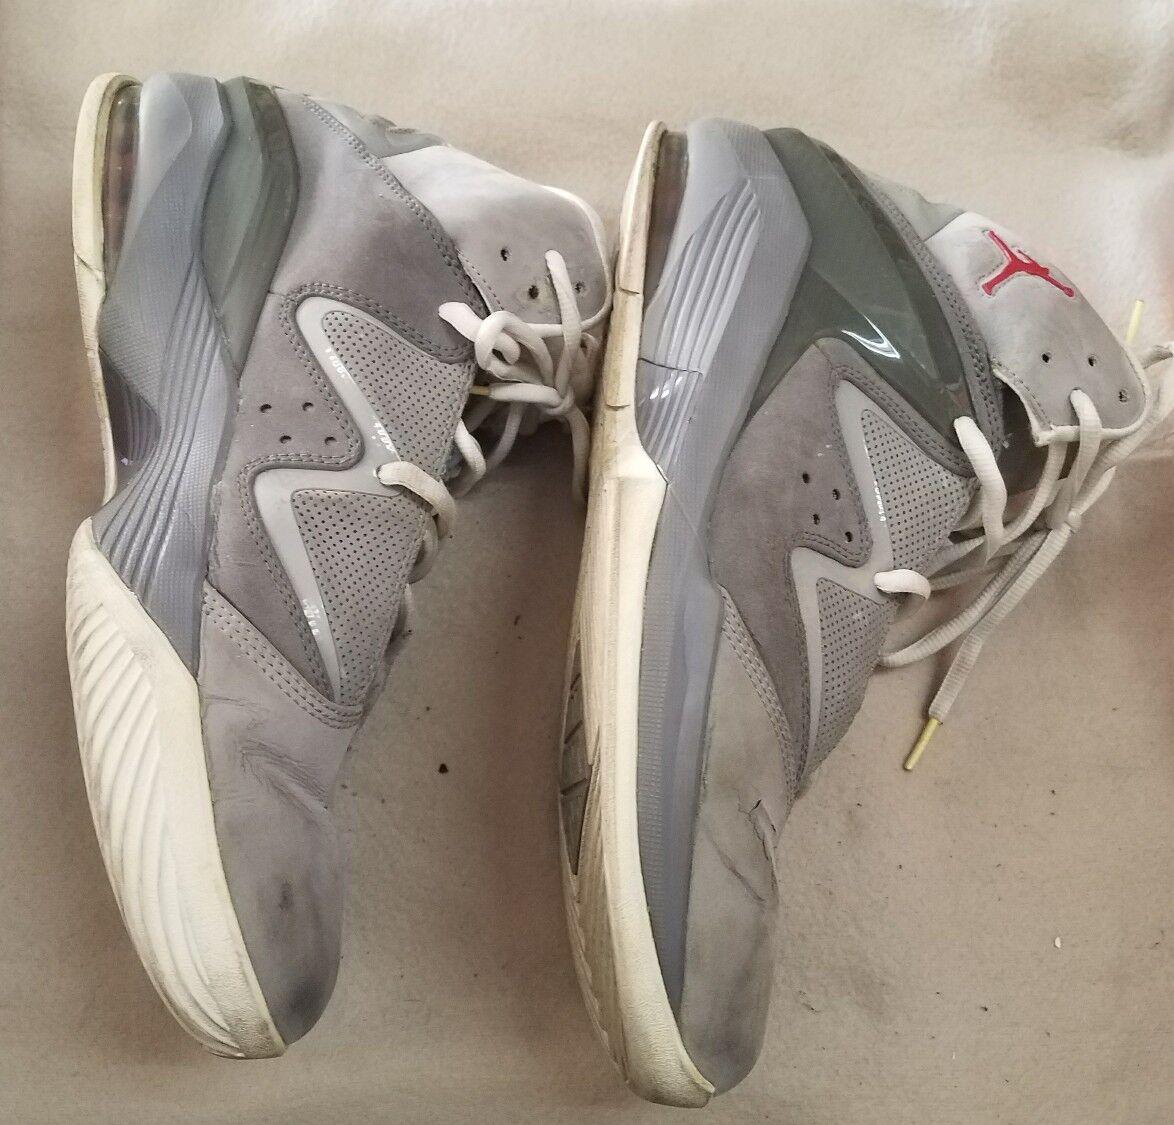 Nike air jordan puro rosso bianco - grigio j stealth dimensioni us12 414759-005 | Modalità moderna  | Scolaro/Signora Scarpa